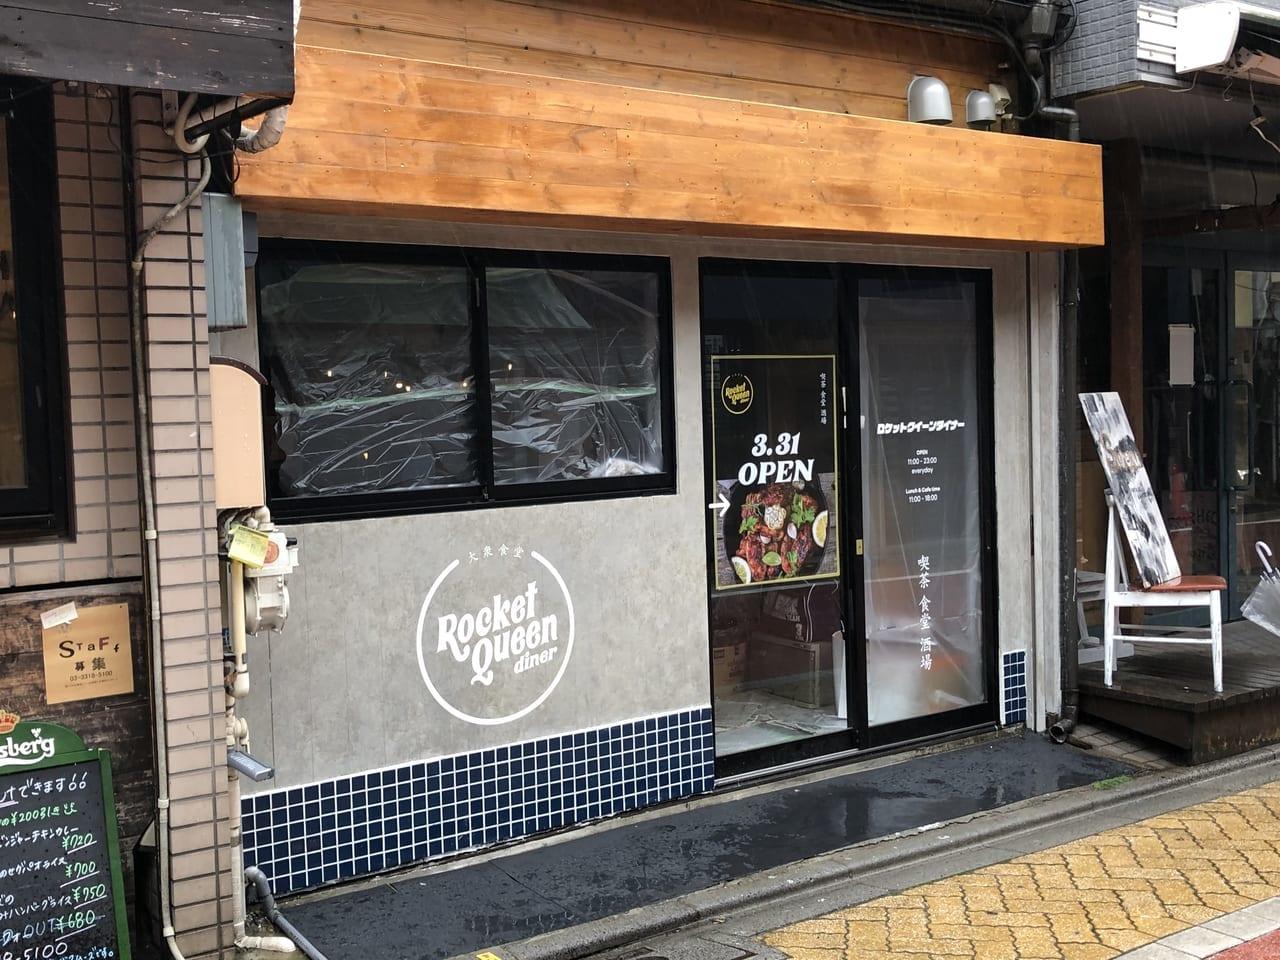 ロケットクイーンダイナー 高円寺 開店